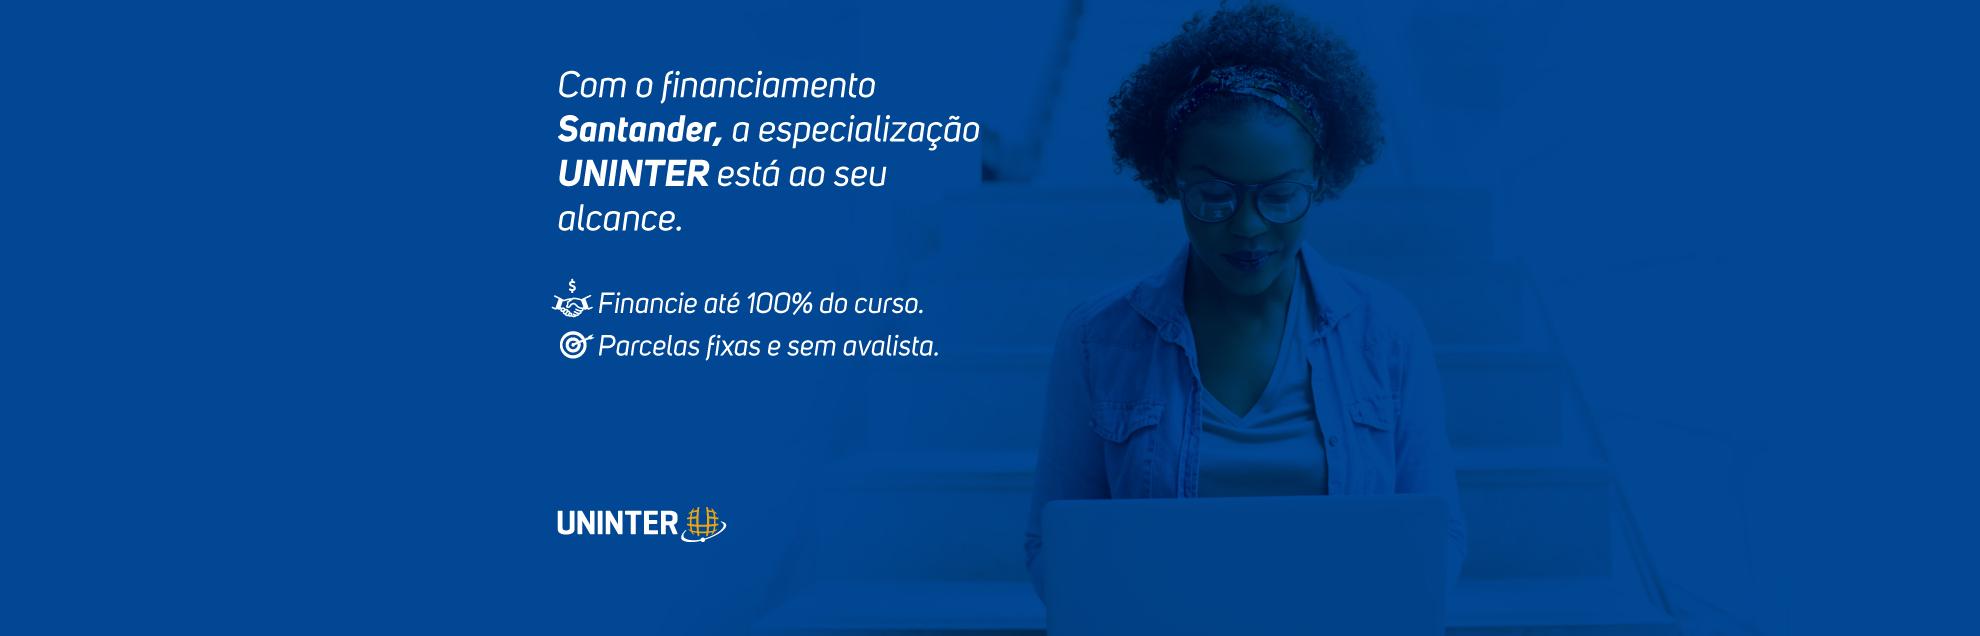 Site-Santander-bloco1